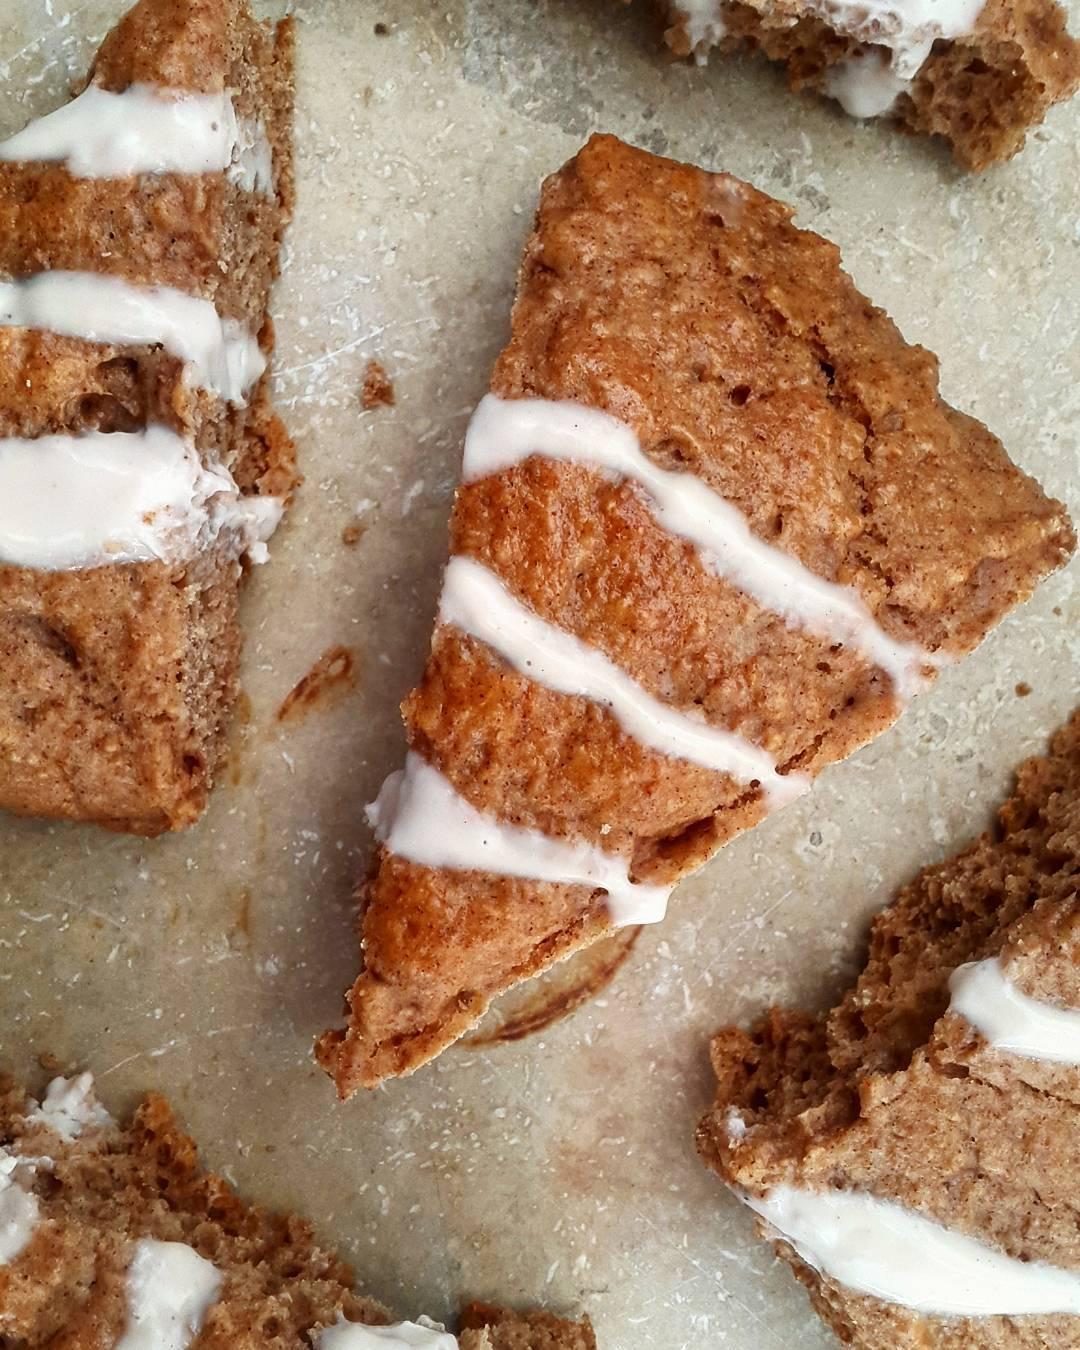 healthy cinnamon roll scones by @gui_le05